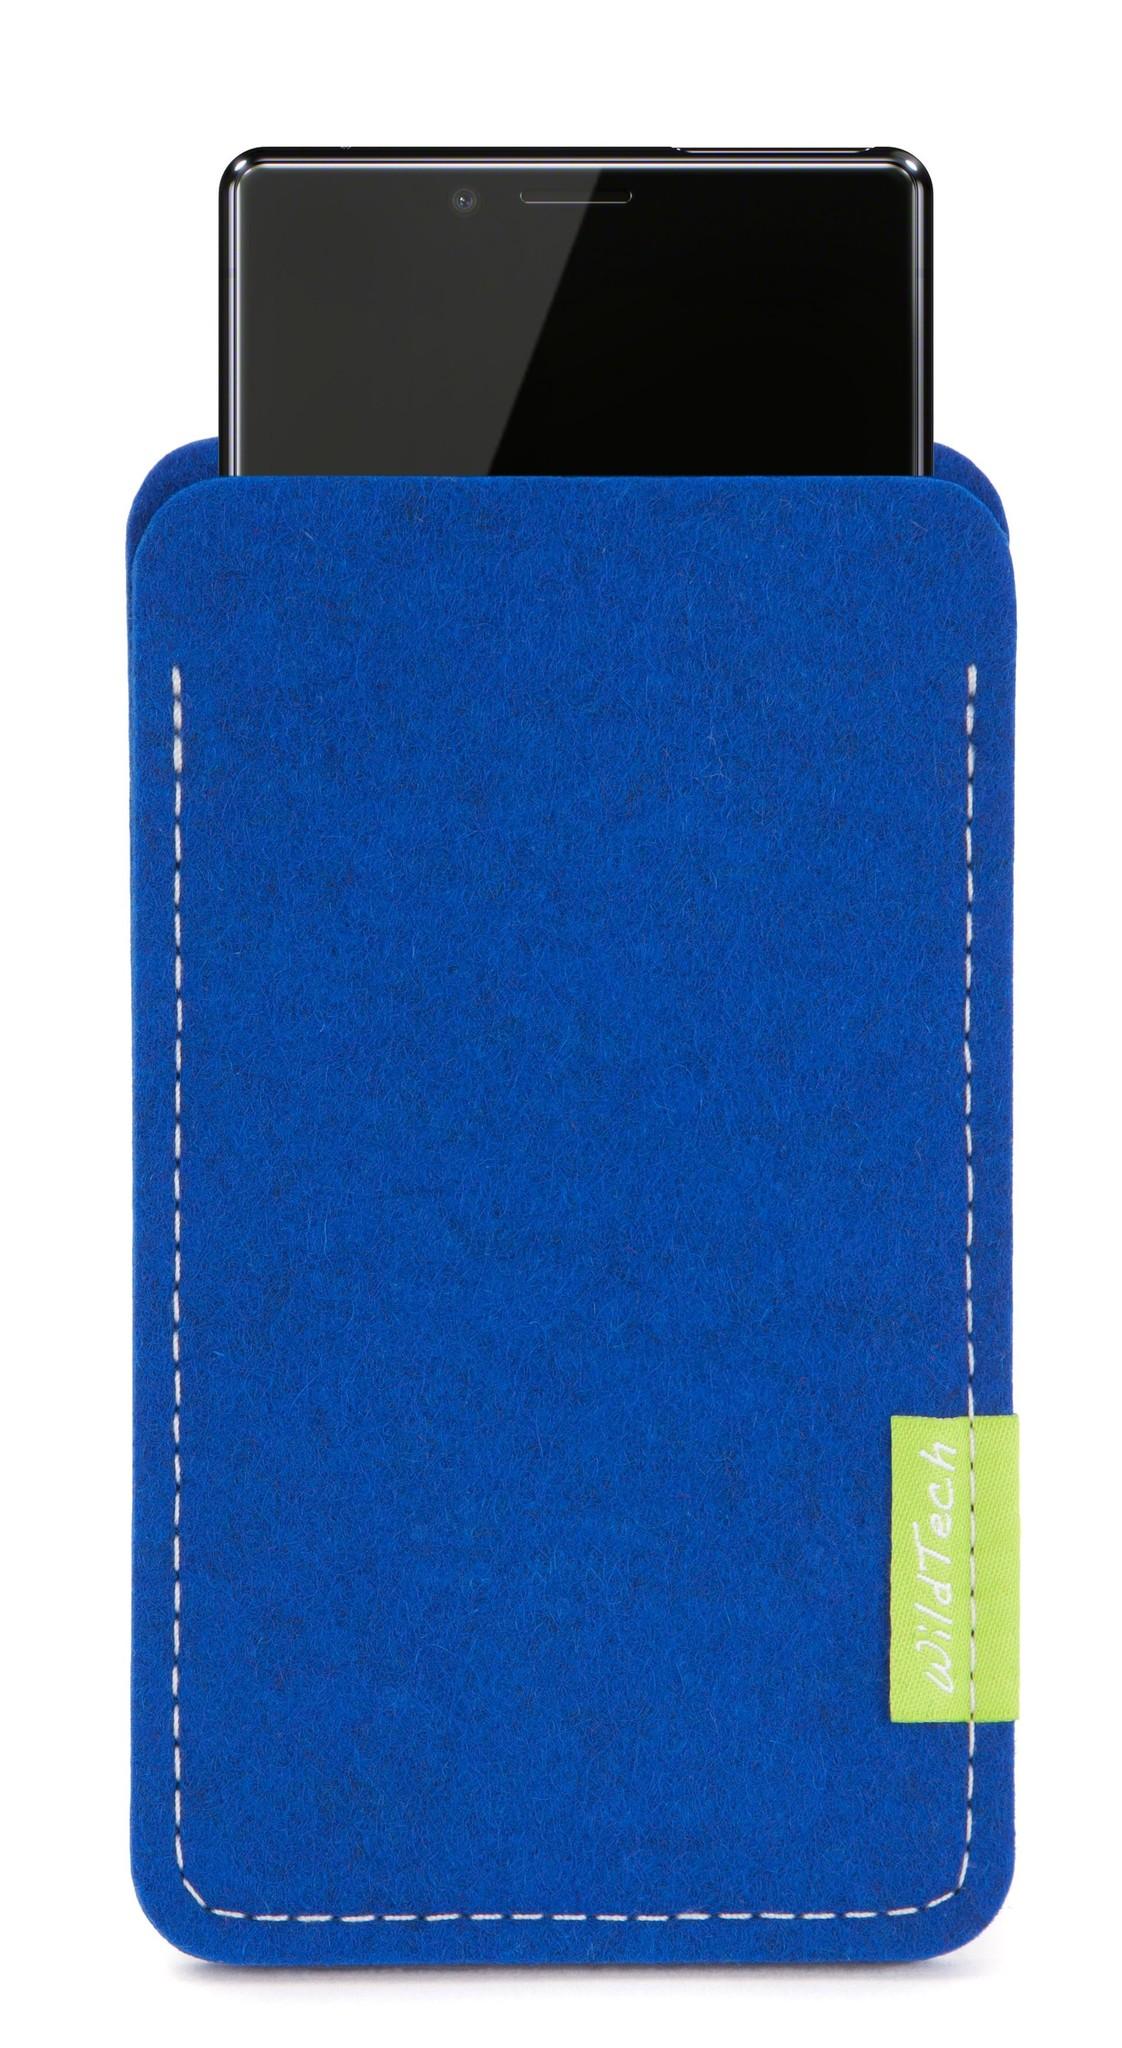 Xperia Sleeve Azure-1